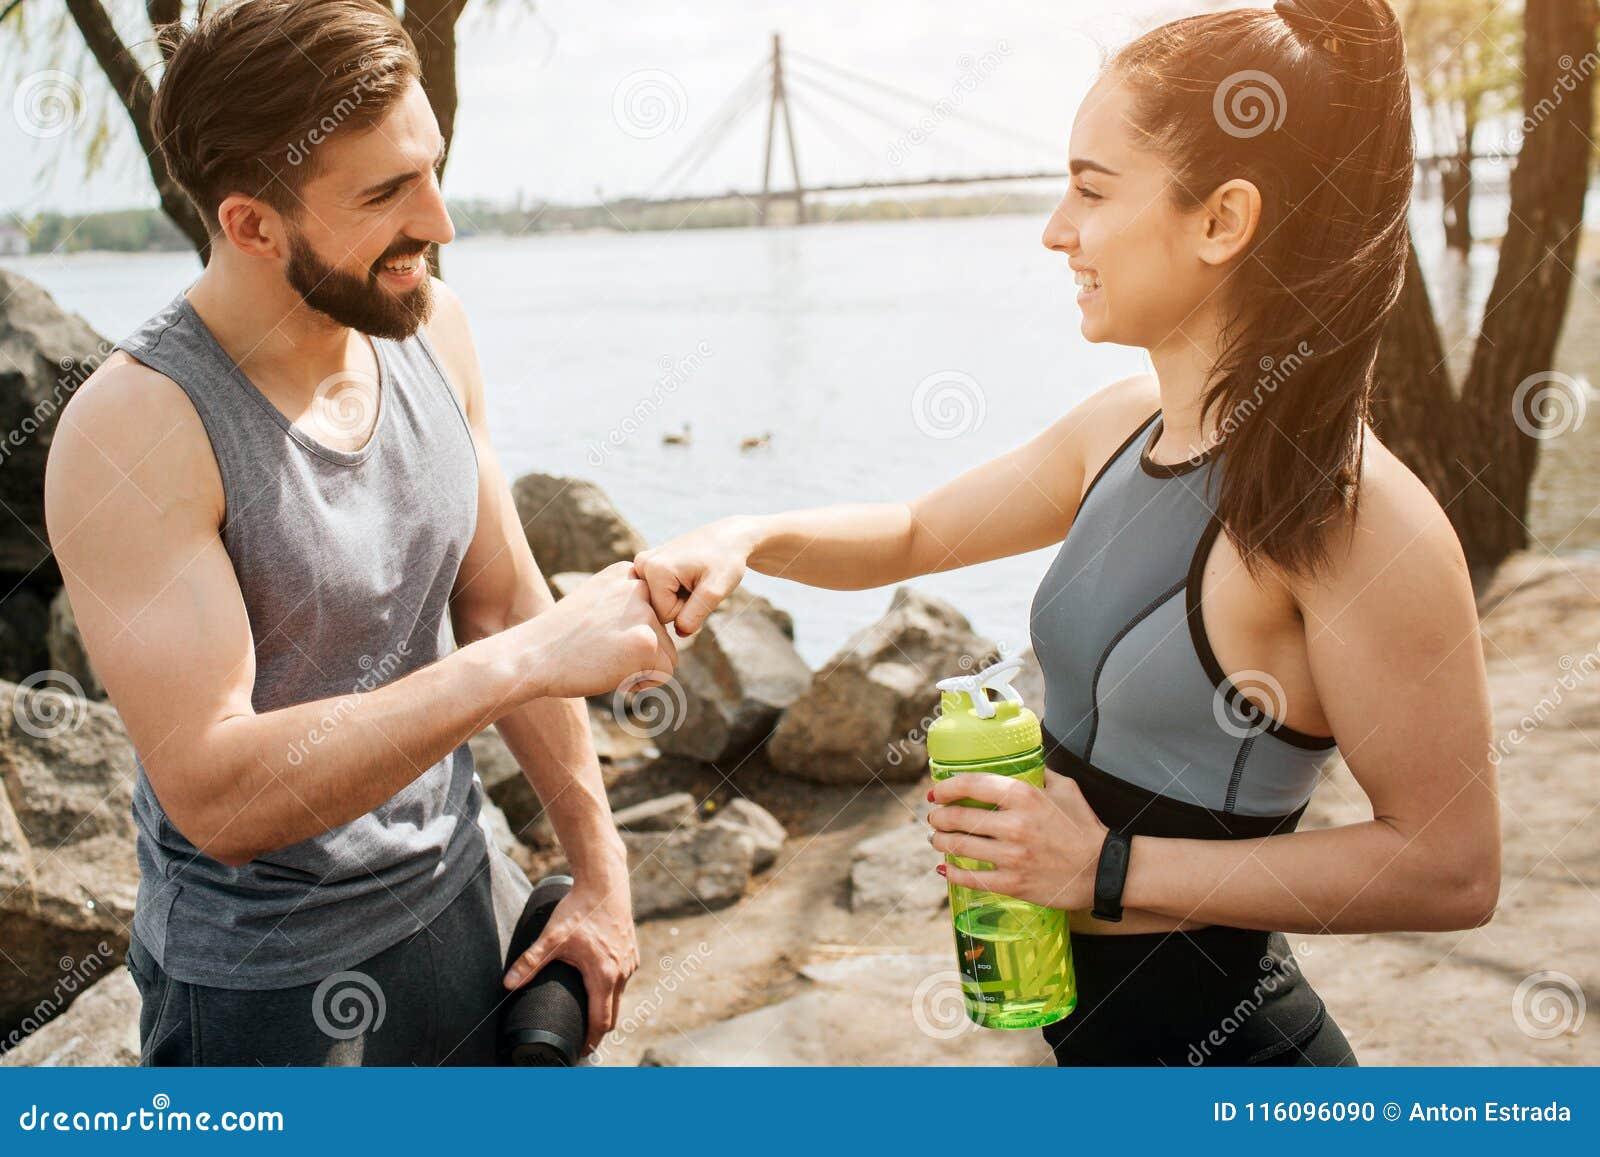 La gente piacevole sta stando davanti ad a vicenda e sta toccando i loro pugni Inoltre stanno guardando l un l altro e